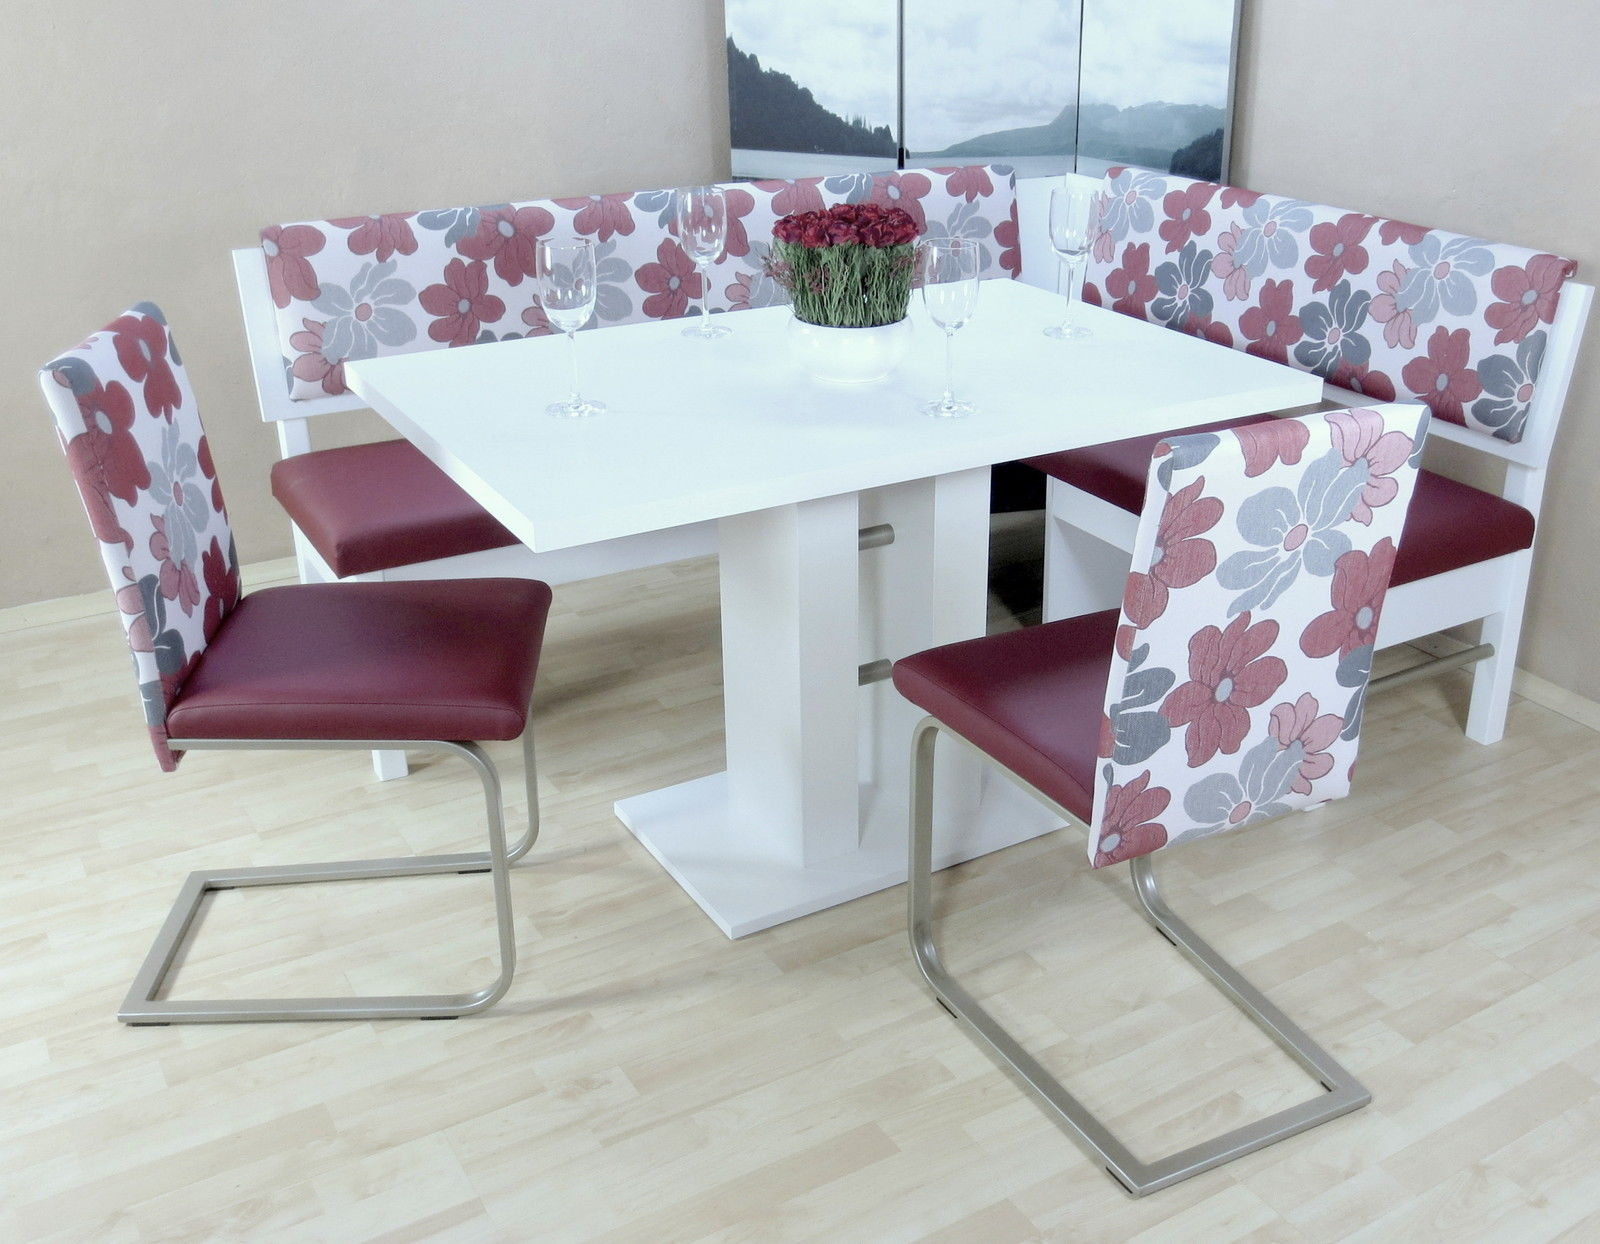 Astounding Moderne Stühle Günstig Referenz Von Dinning-gruppe Bordeauxrot Weiß Eckbankgruppe Tisch Stühle Günstig